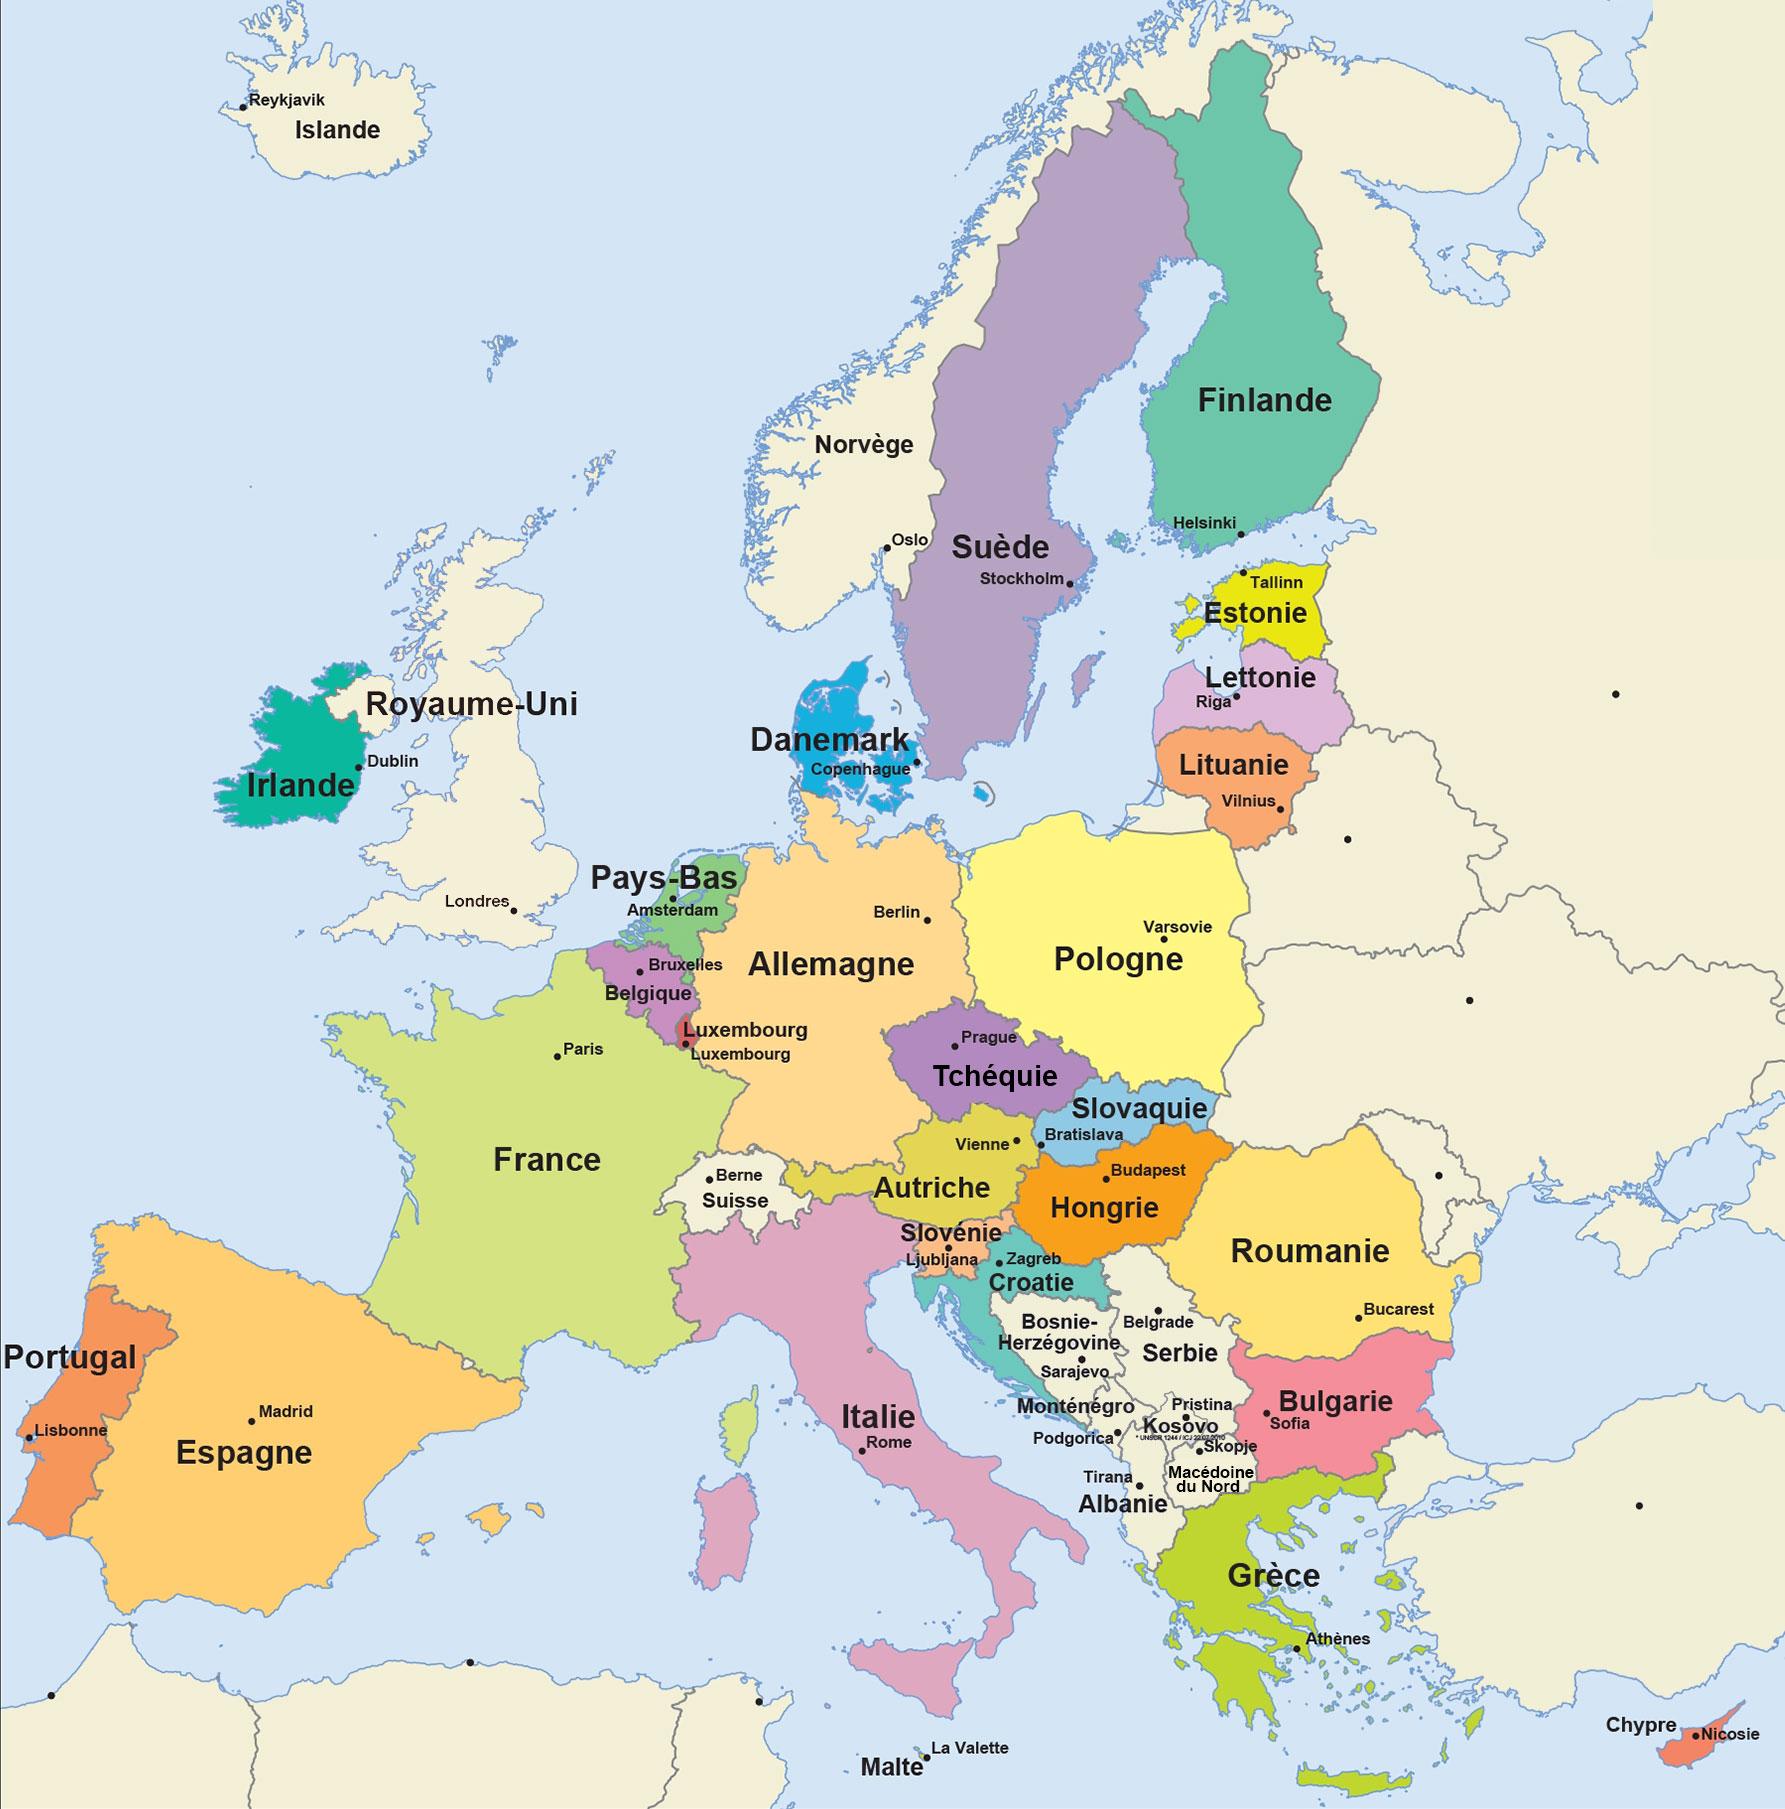 Facile À Lire - L'union Européenne | Union Européenne intérieur Carte Pays Union Européenne